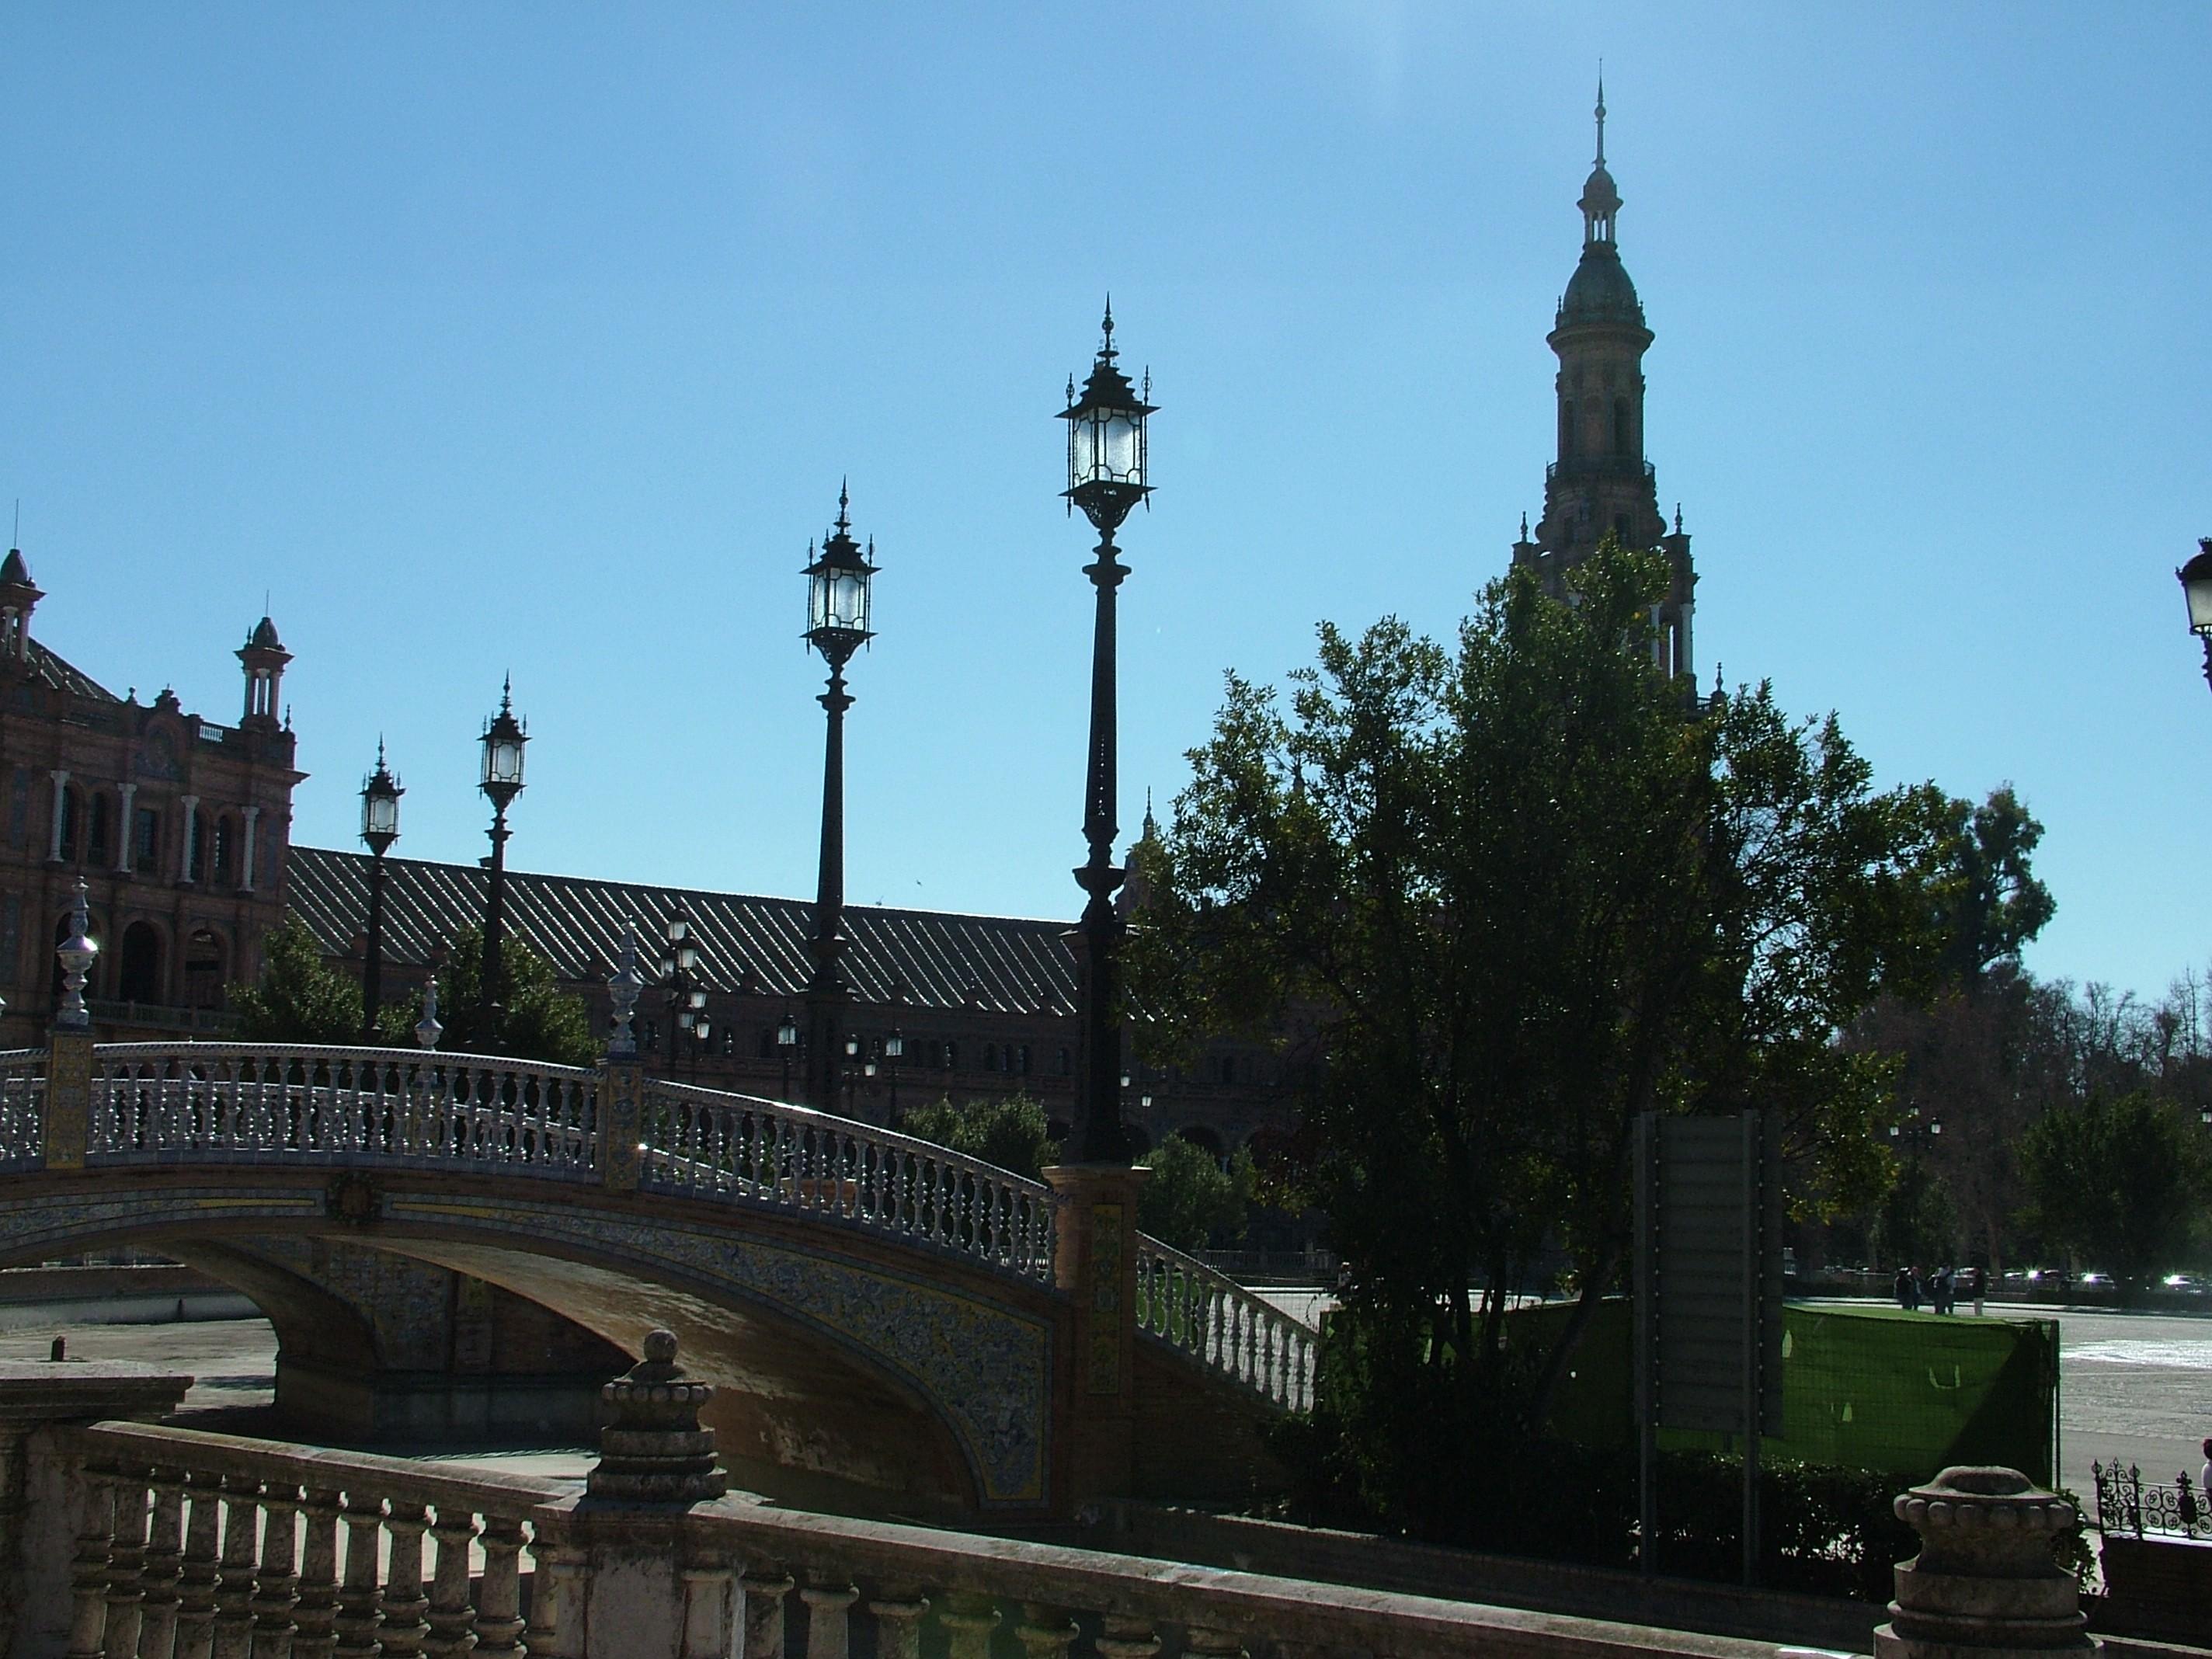 fotos_plaza_espana901